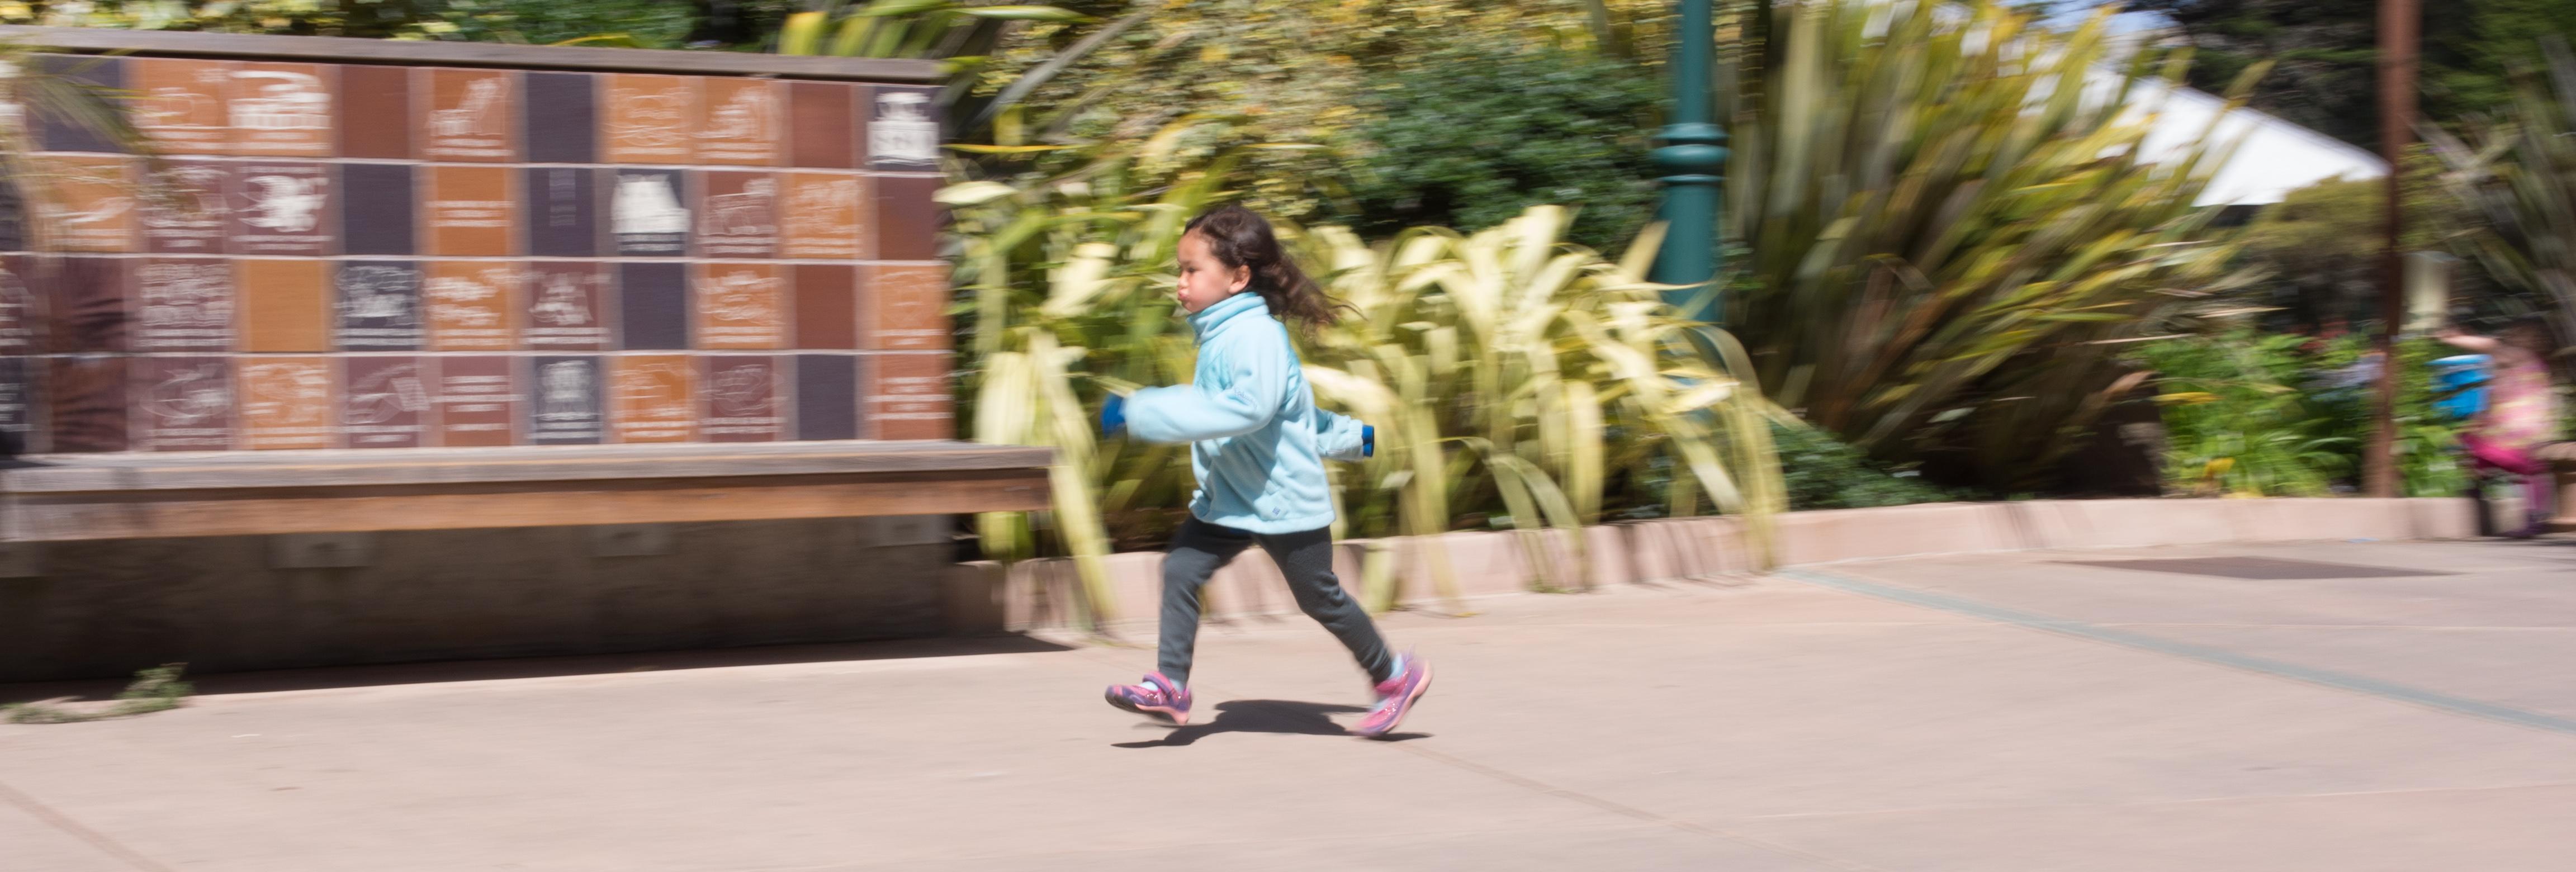 Run, Serena, Run!